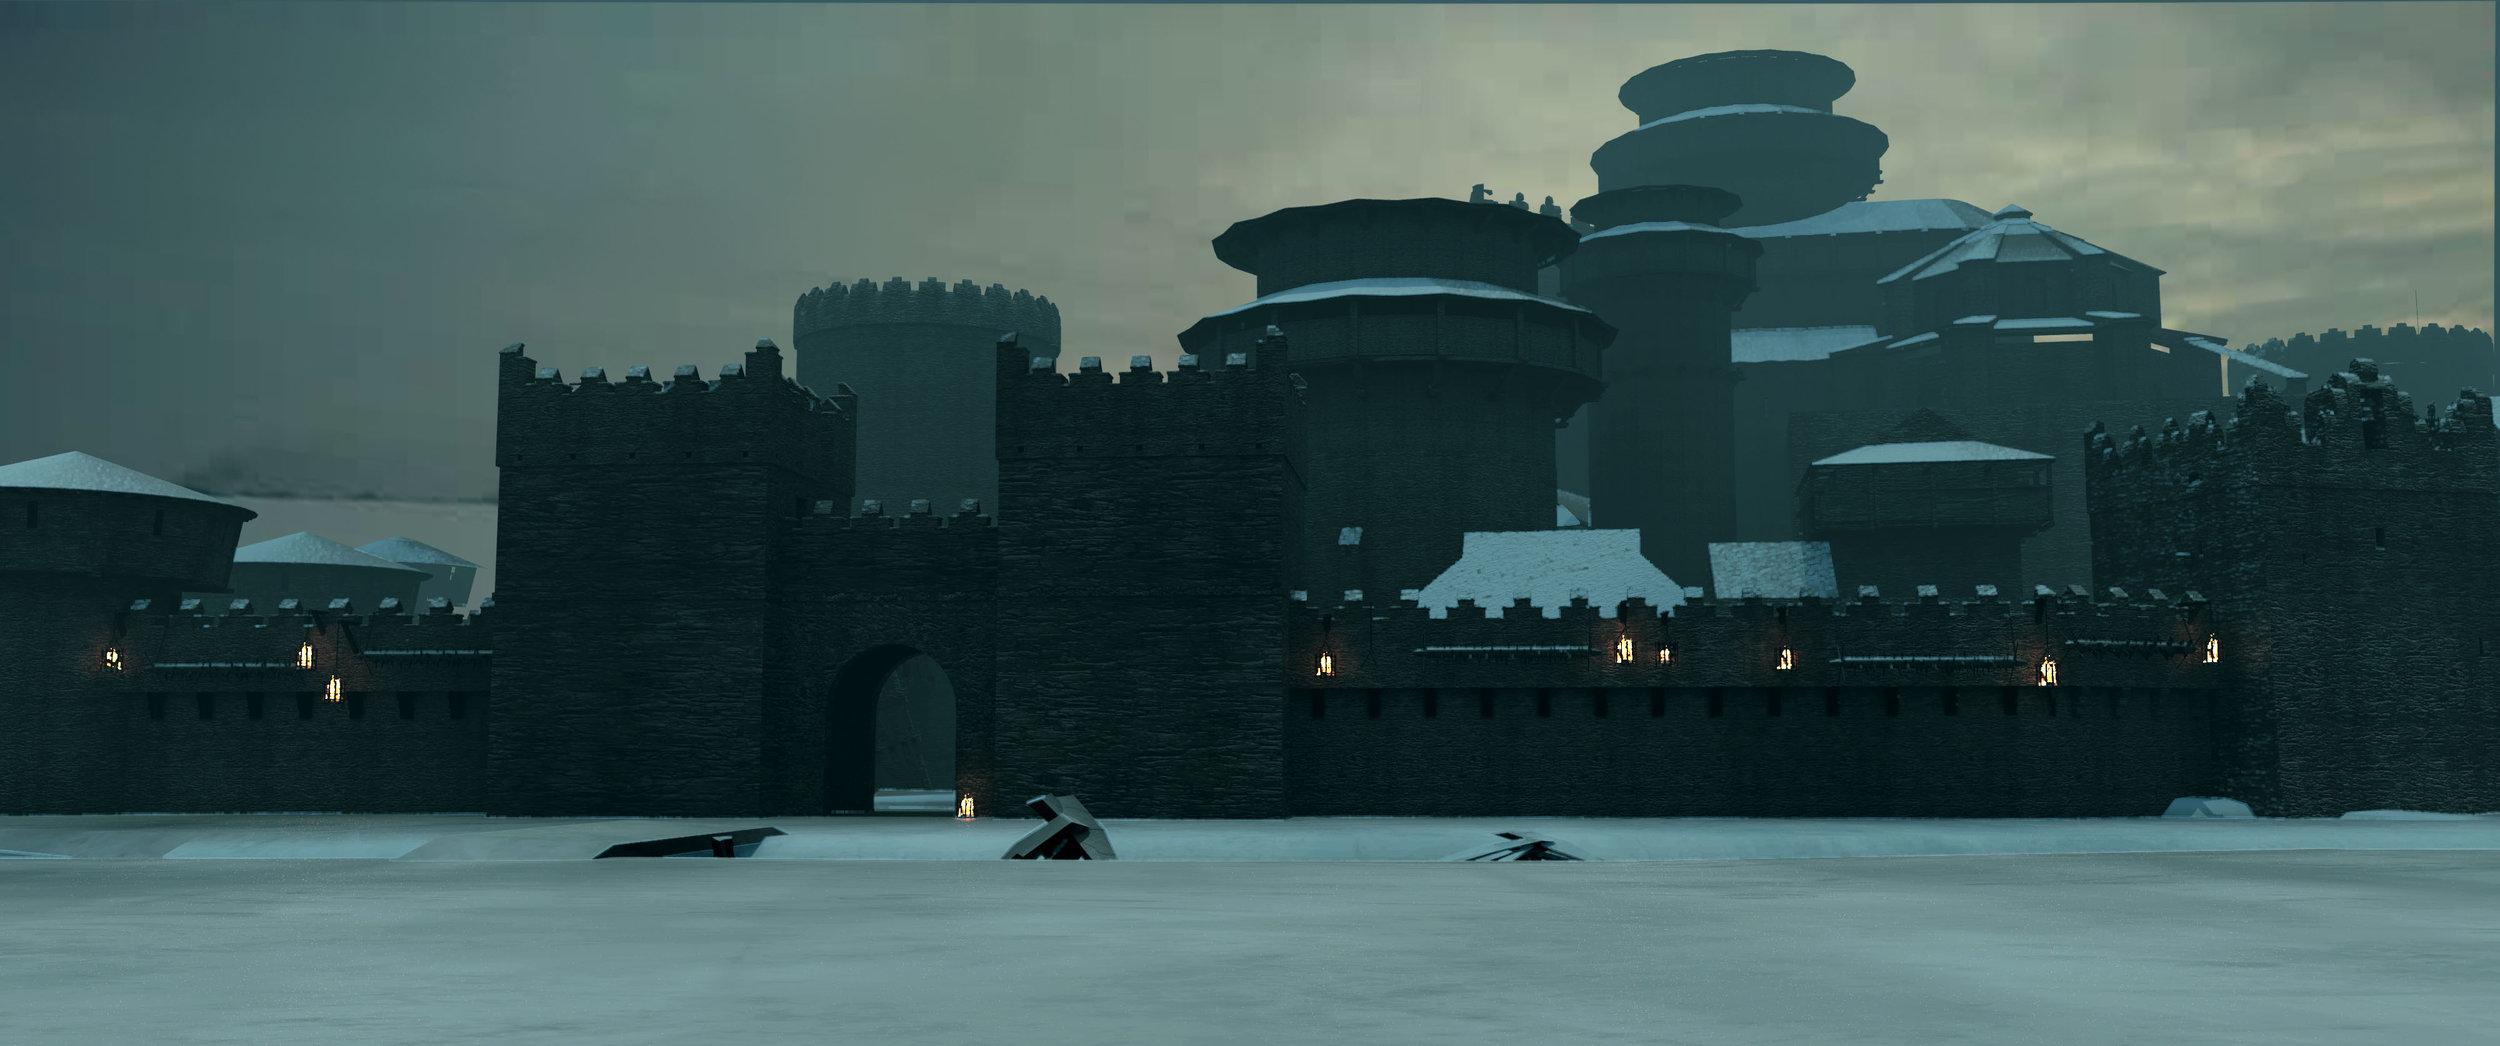 GOT8_Winterfell_Walls_Fortification copy.JPG